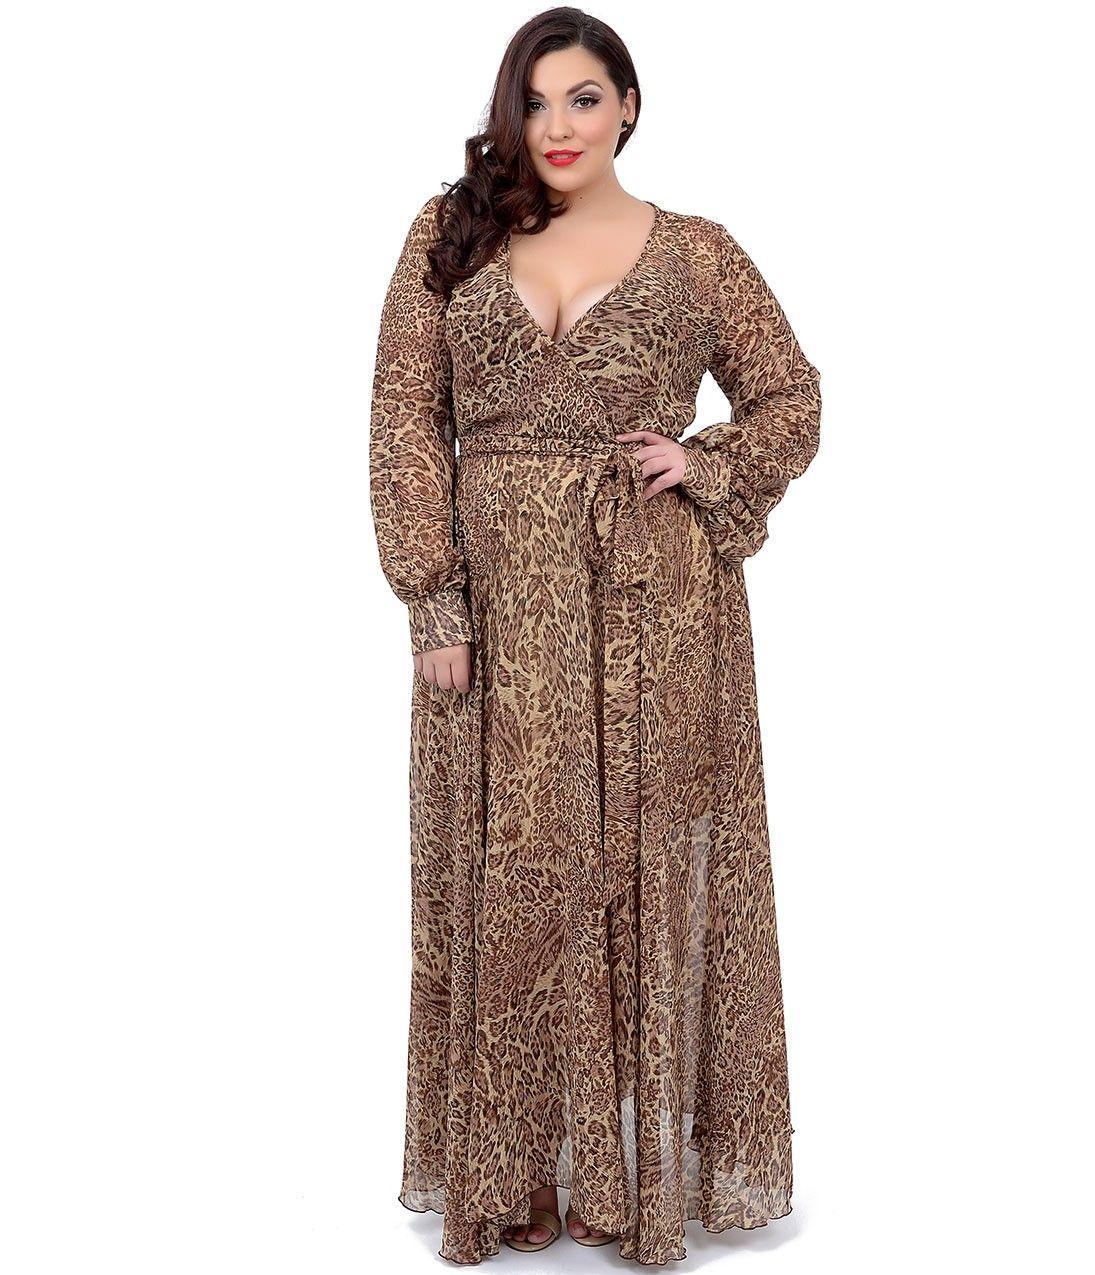 cheetah print plus size dresses images - dresses design ideas